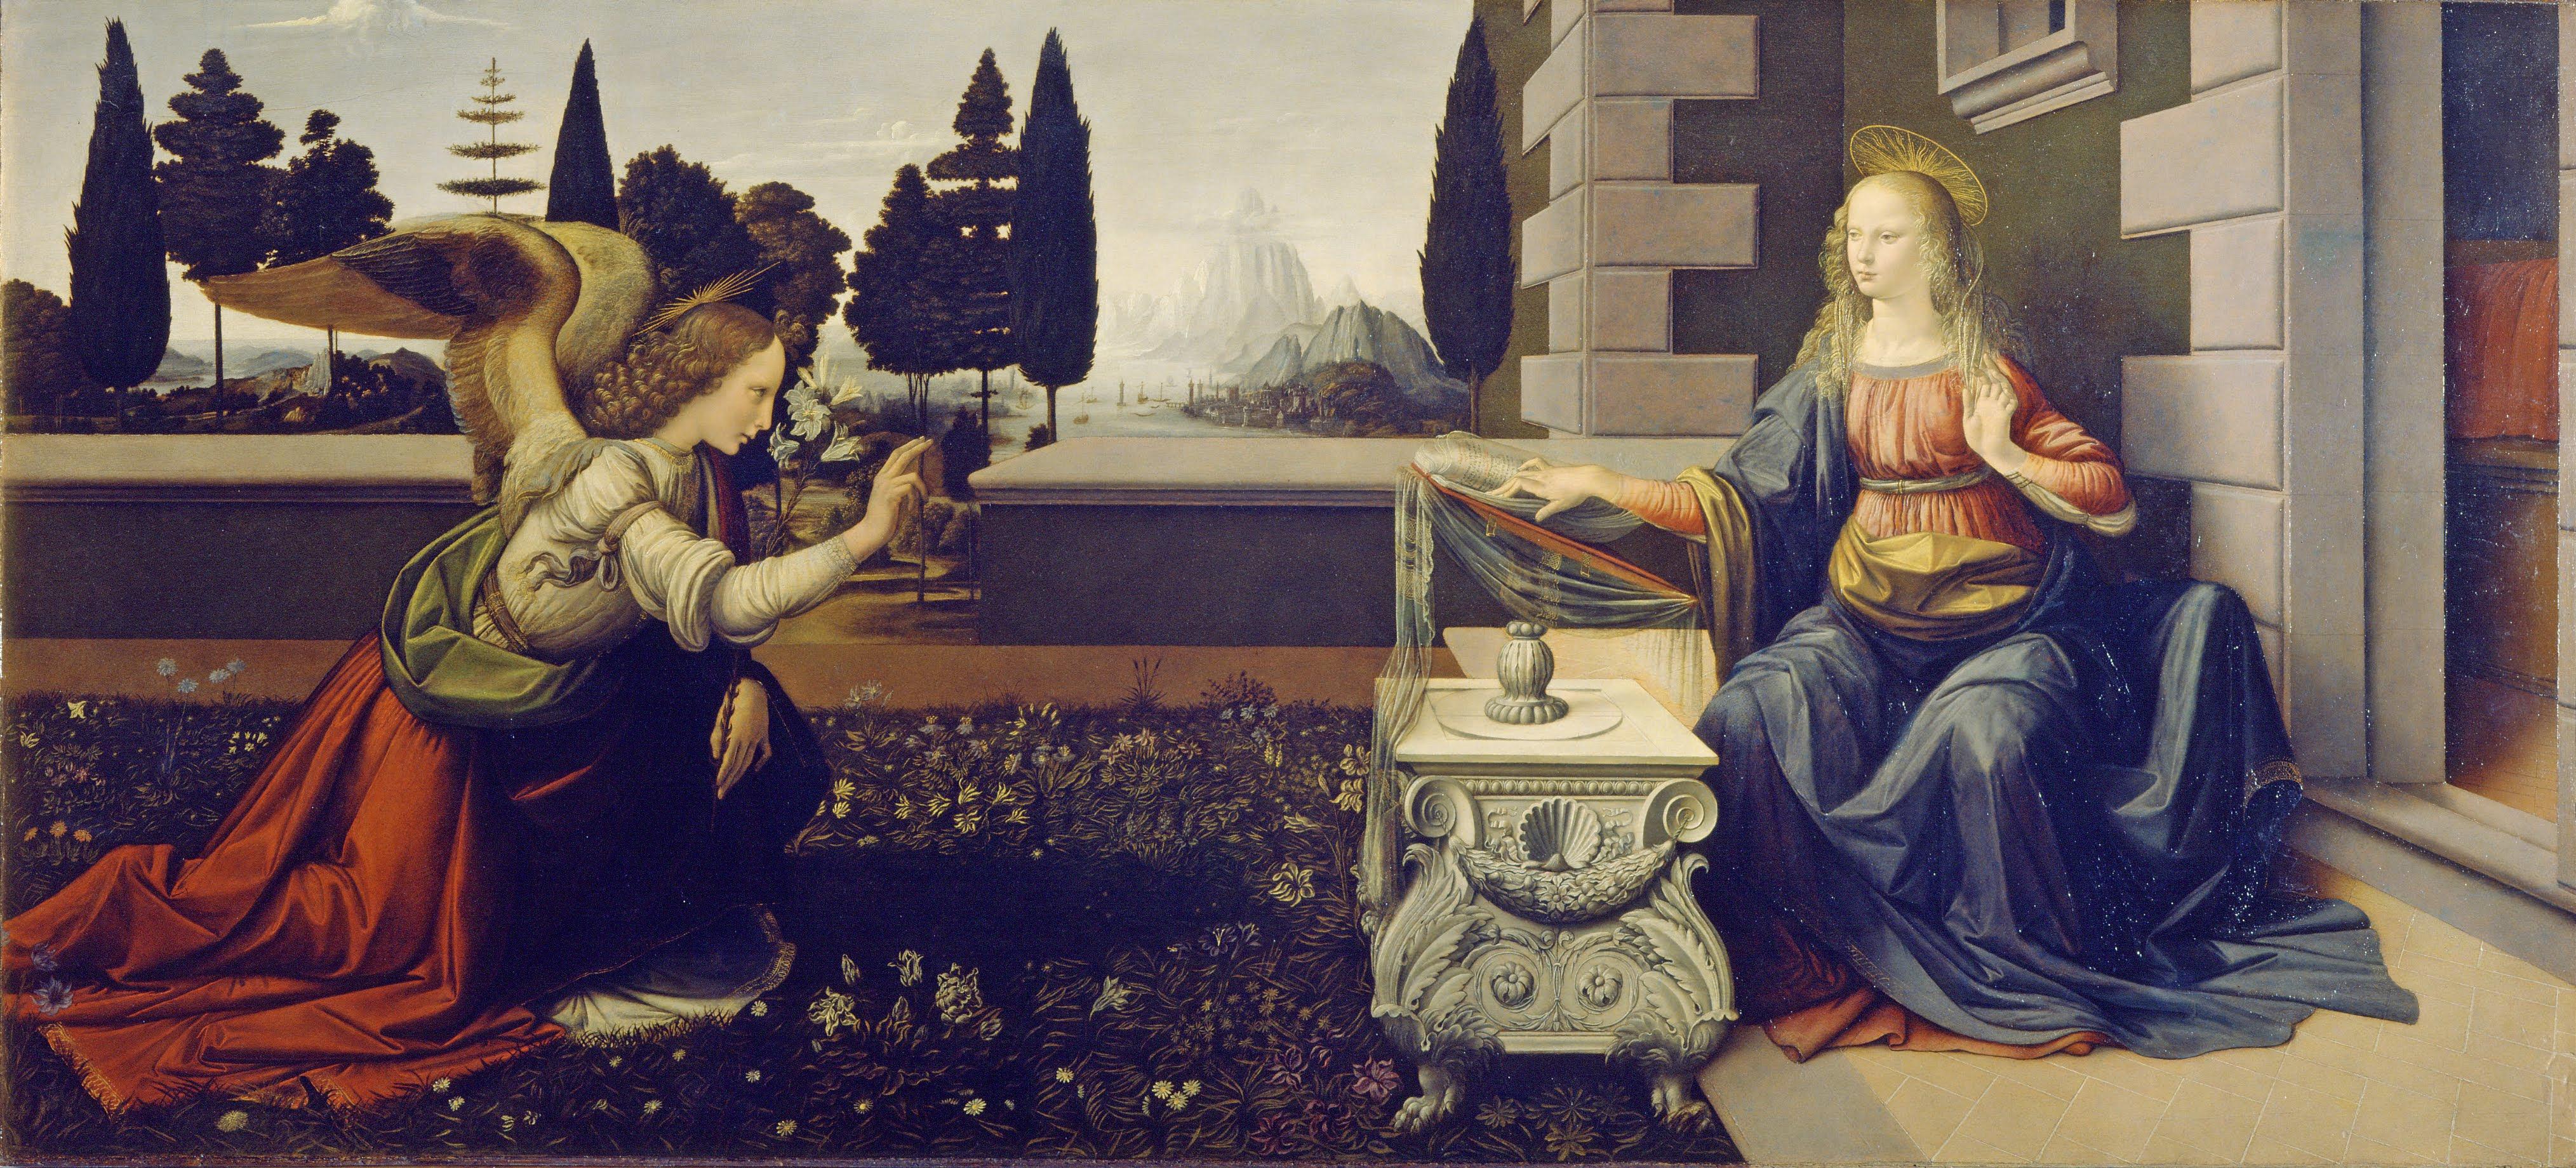 Leonardo da Vinci - Annunciazione - Google Art Project.jpg